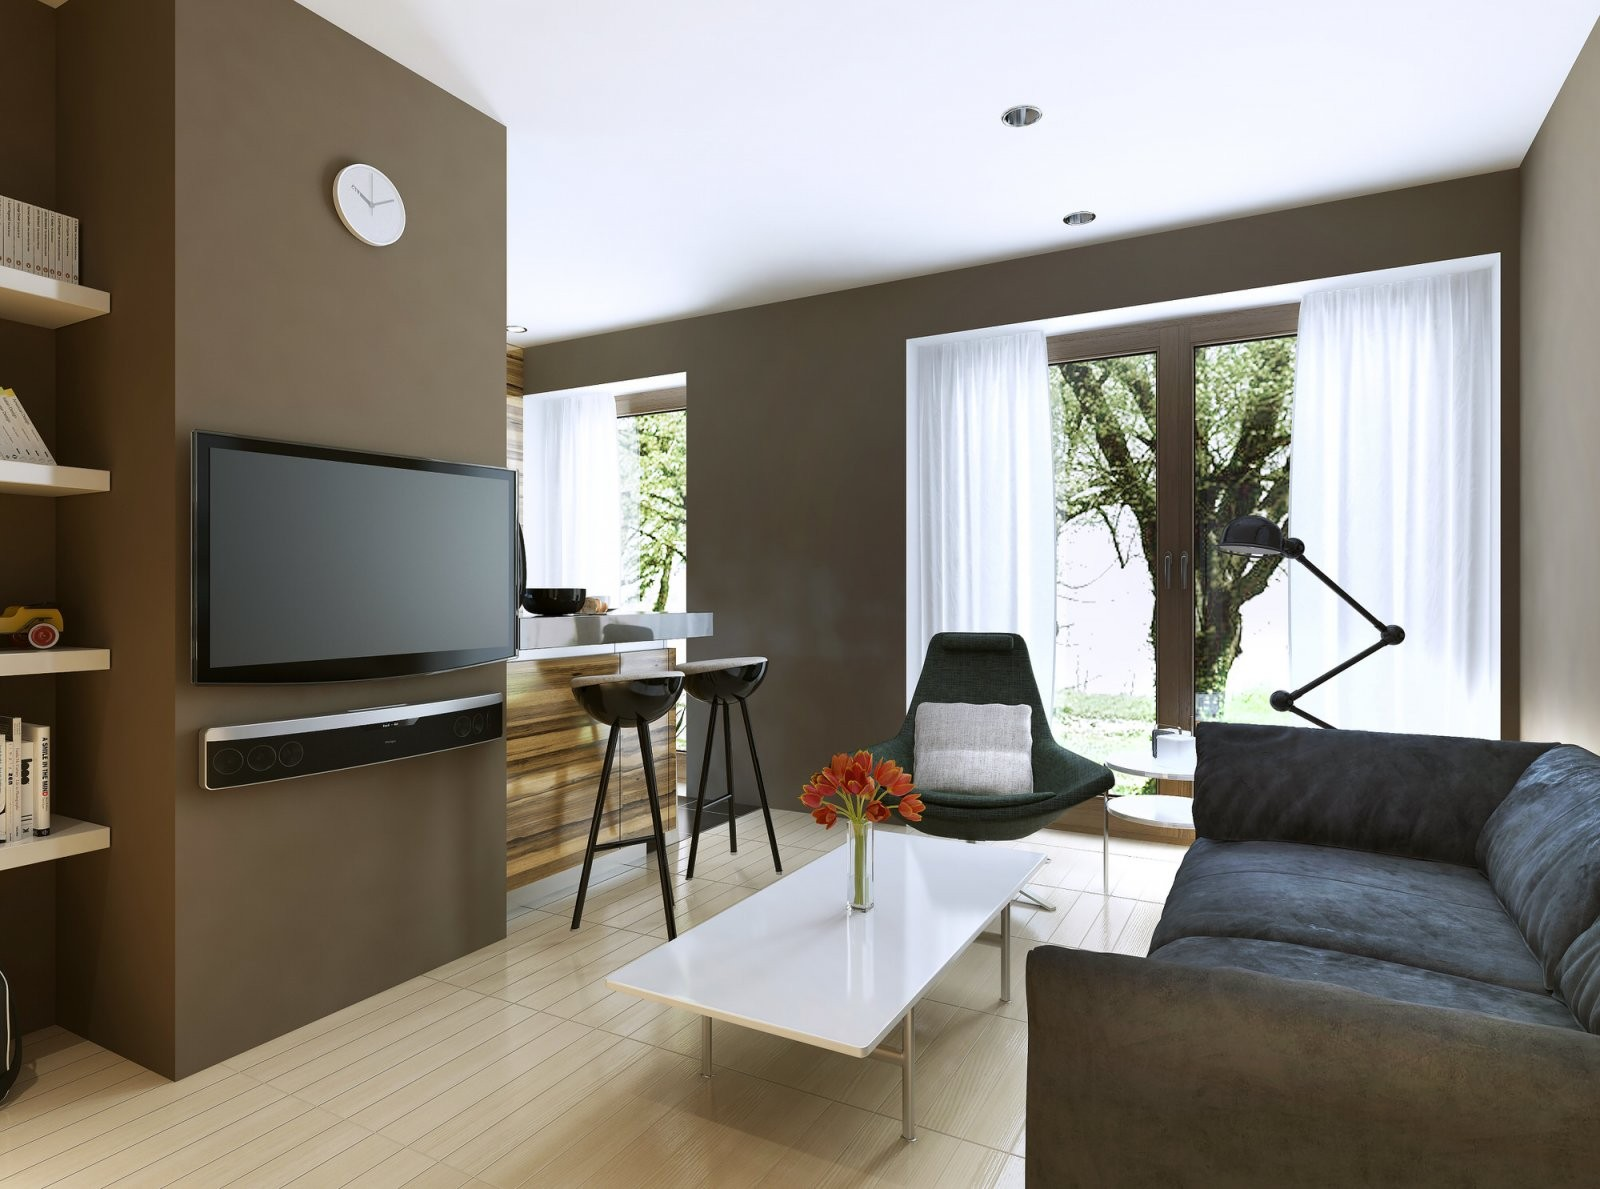 Fernseher An Die Wand Hängen – Tipps Und Tricks Für Einen Perfekten von Fernseher An Die Wand Hängen Kabel Verstecken Bild